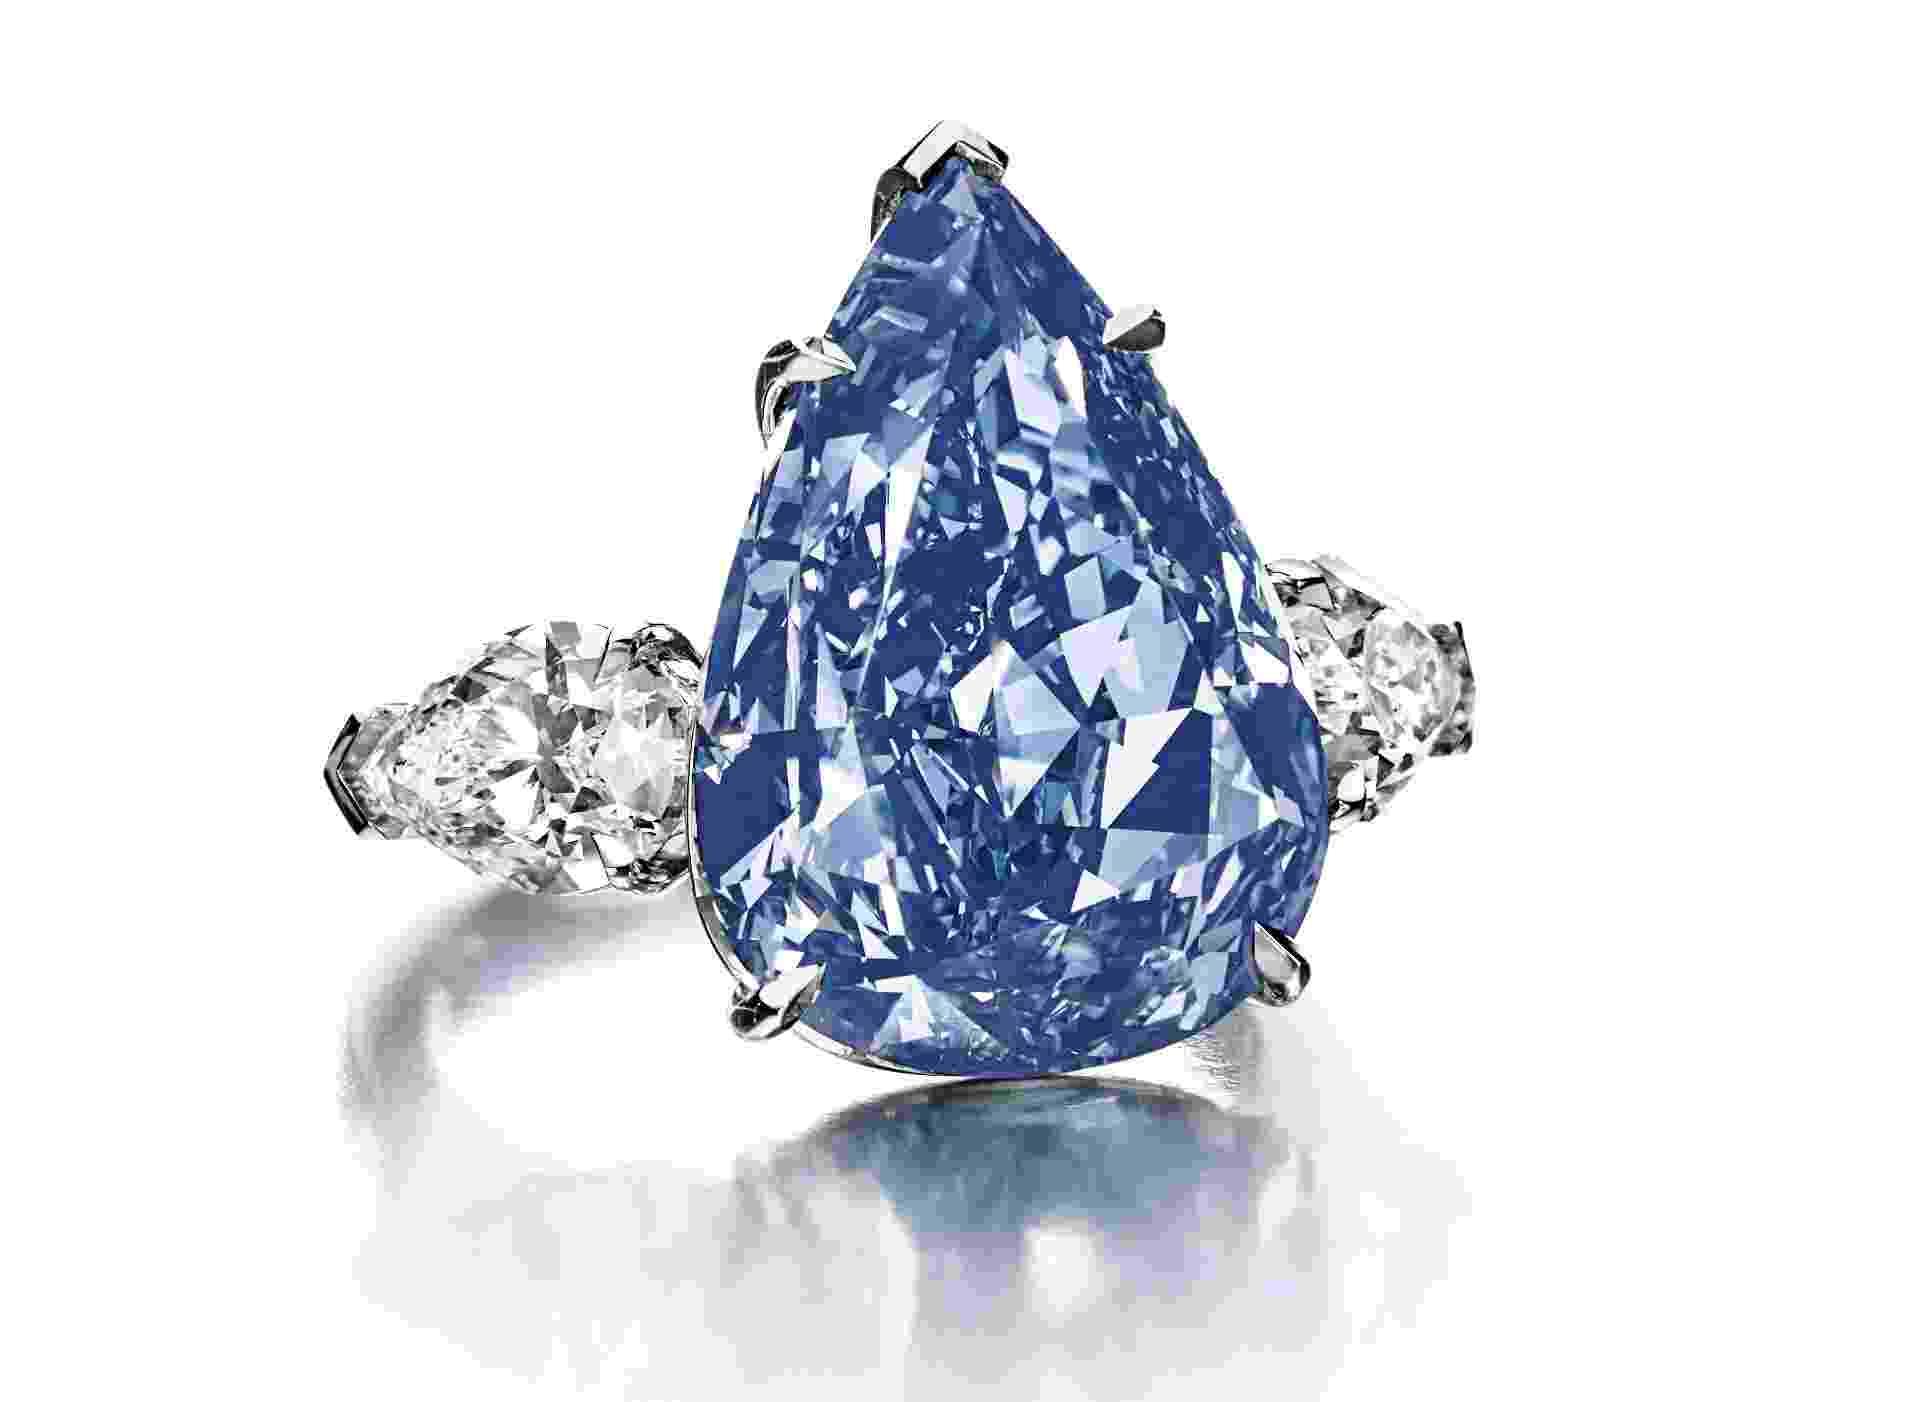 """""""THE BLUE"""", AVALIADO EM US$ 21 MILHÕES - O diamante talhado em forma de pêra tem peso de 13,22 quilates. Considerado o maior do mundo em sua categoria, ele será leiloado em 14 de maio em Genebra, anunciou a Christie's - Divulgação"""